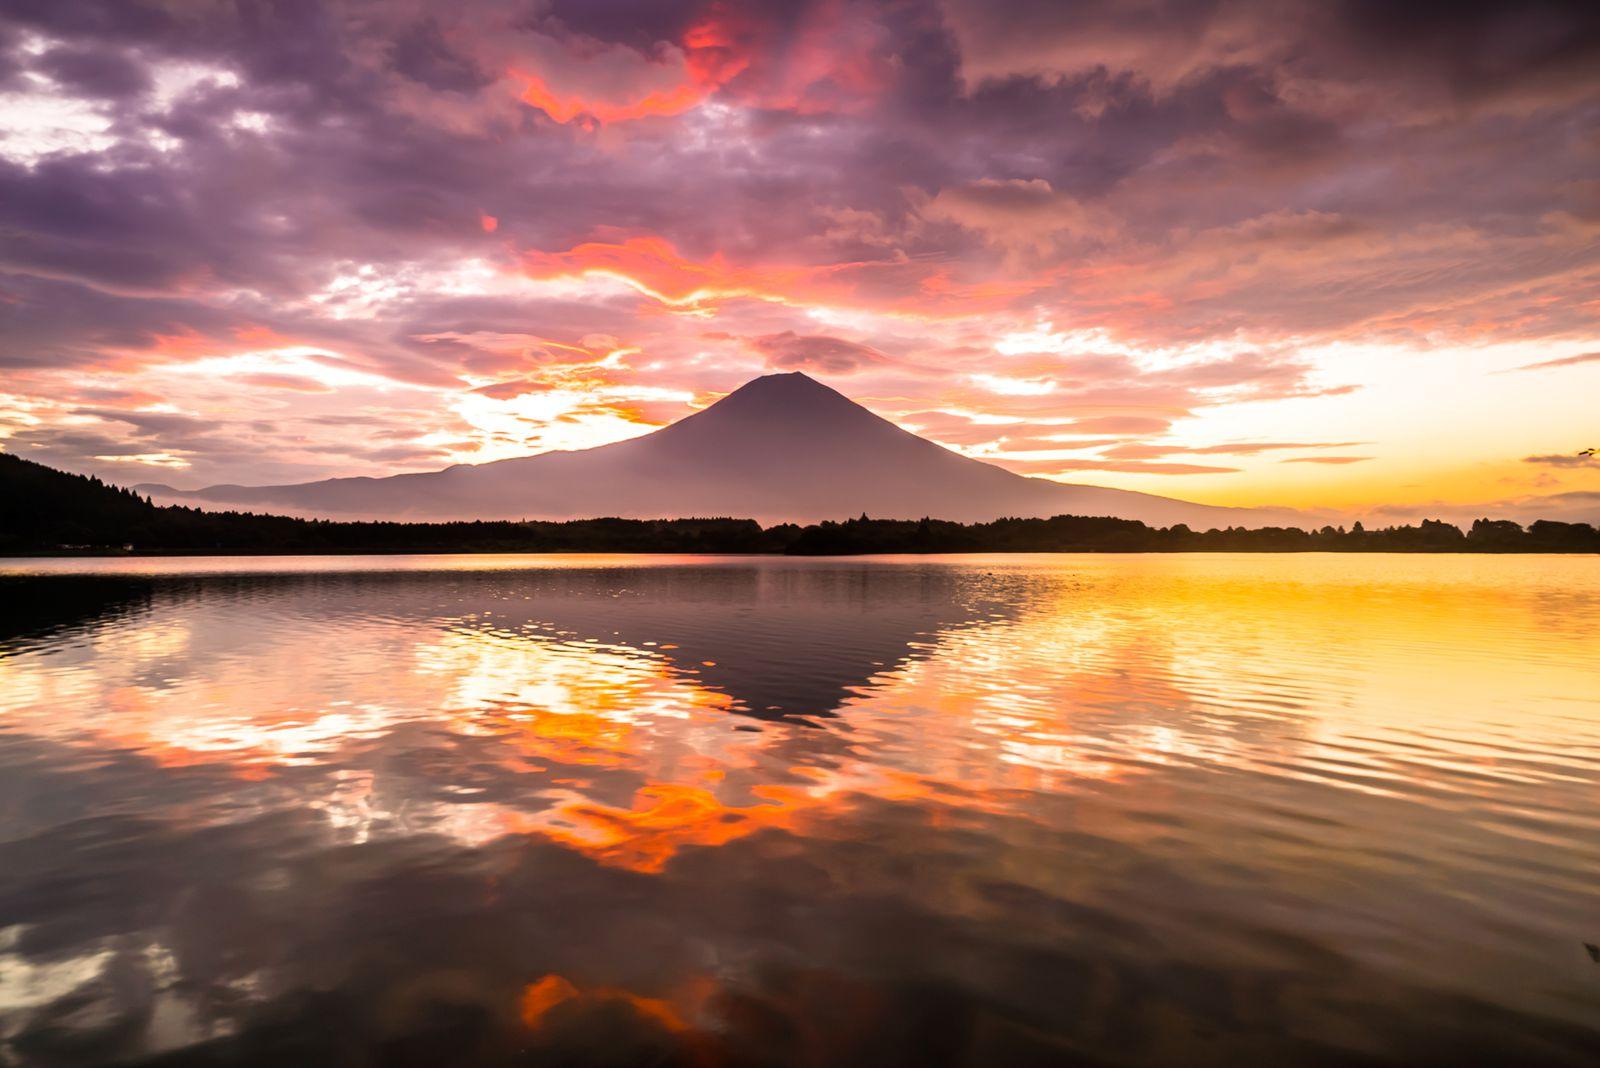 """世界よ、これが日本だ。""""日本に生まれて良かった〜""""と感謝する絶景スポット10選                当サイト内のおでかけ情報に関してこのまとめ記事の目次"""